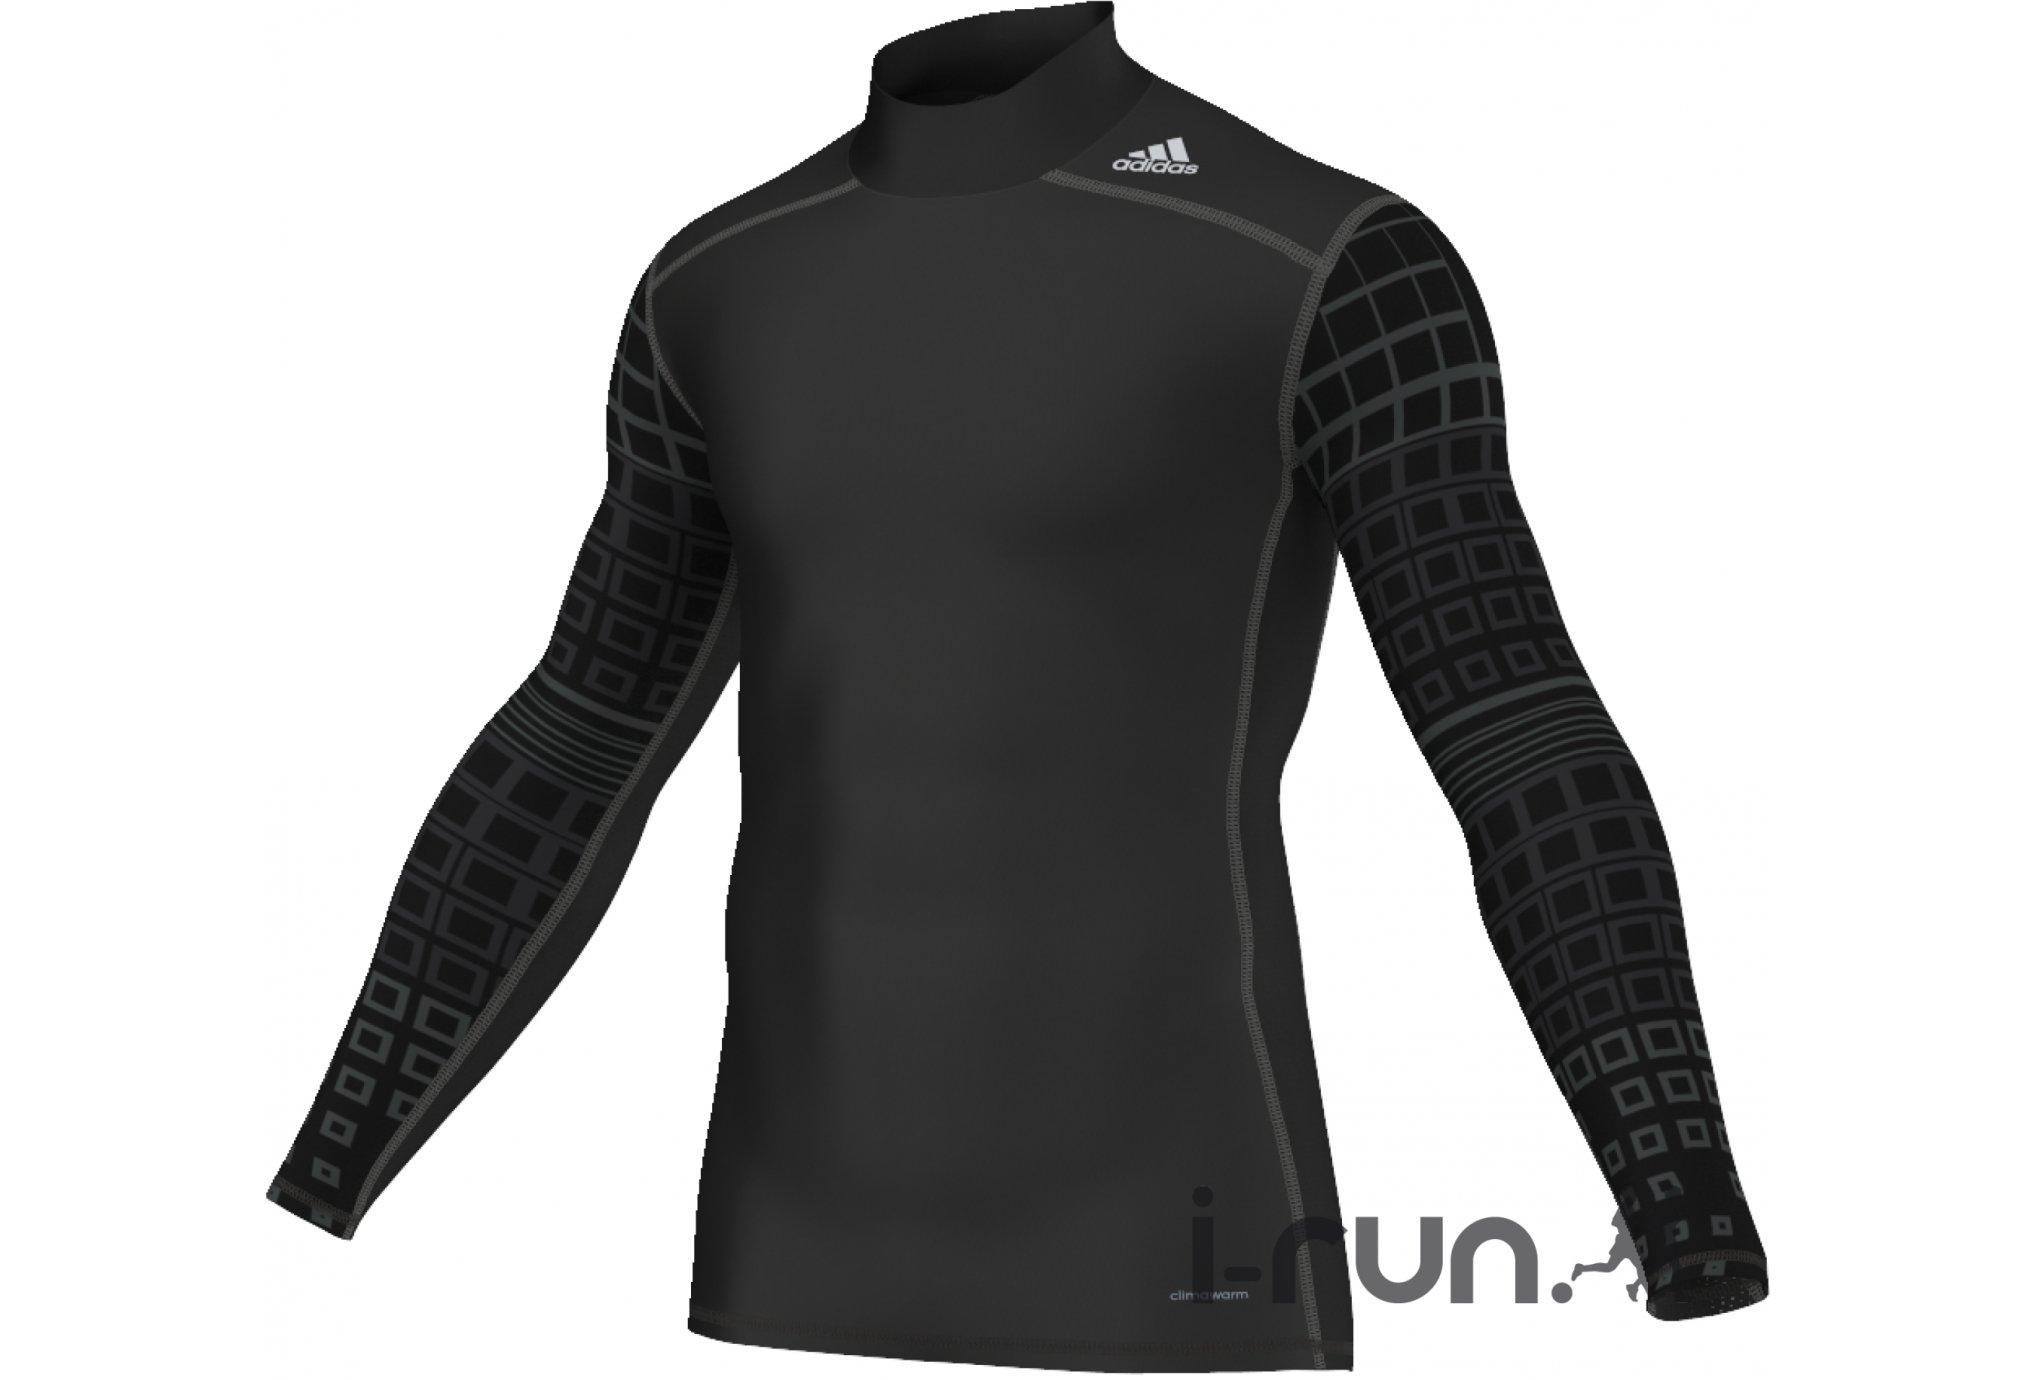 Adidas Techfit base m vêtement running homme